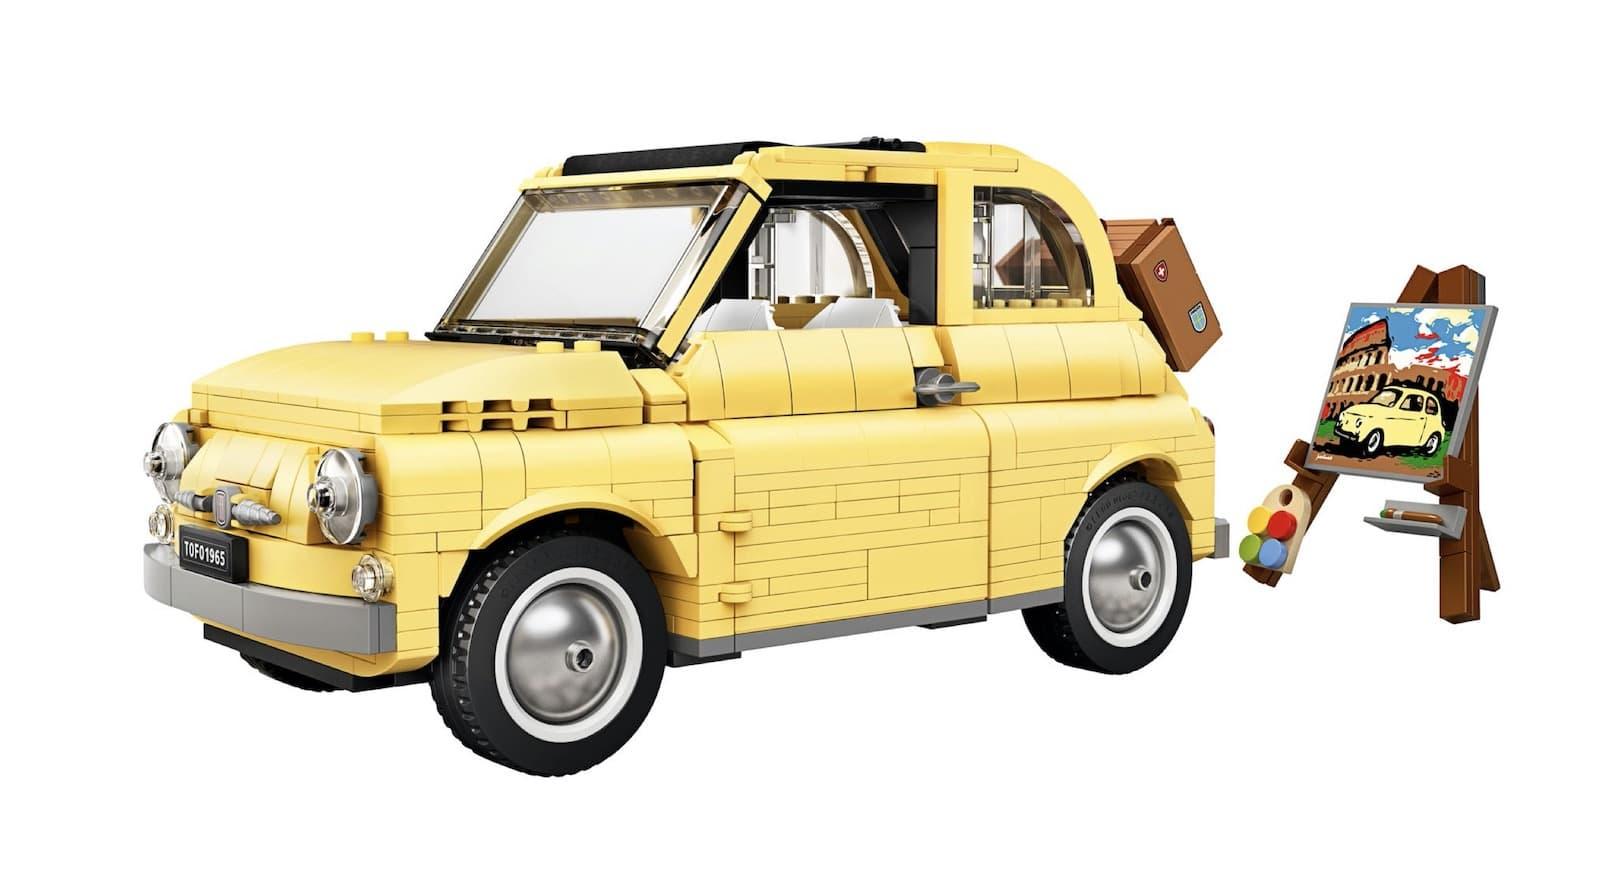 LEGO Fiat 500 Limited Edition